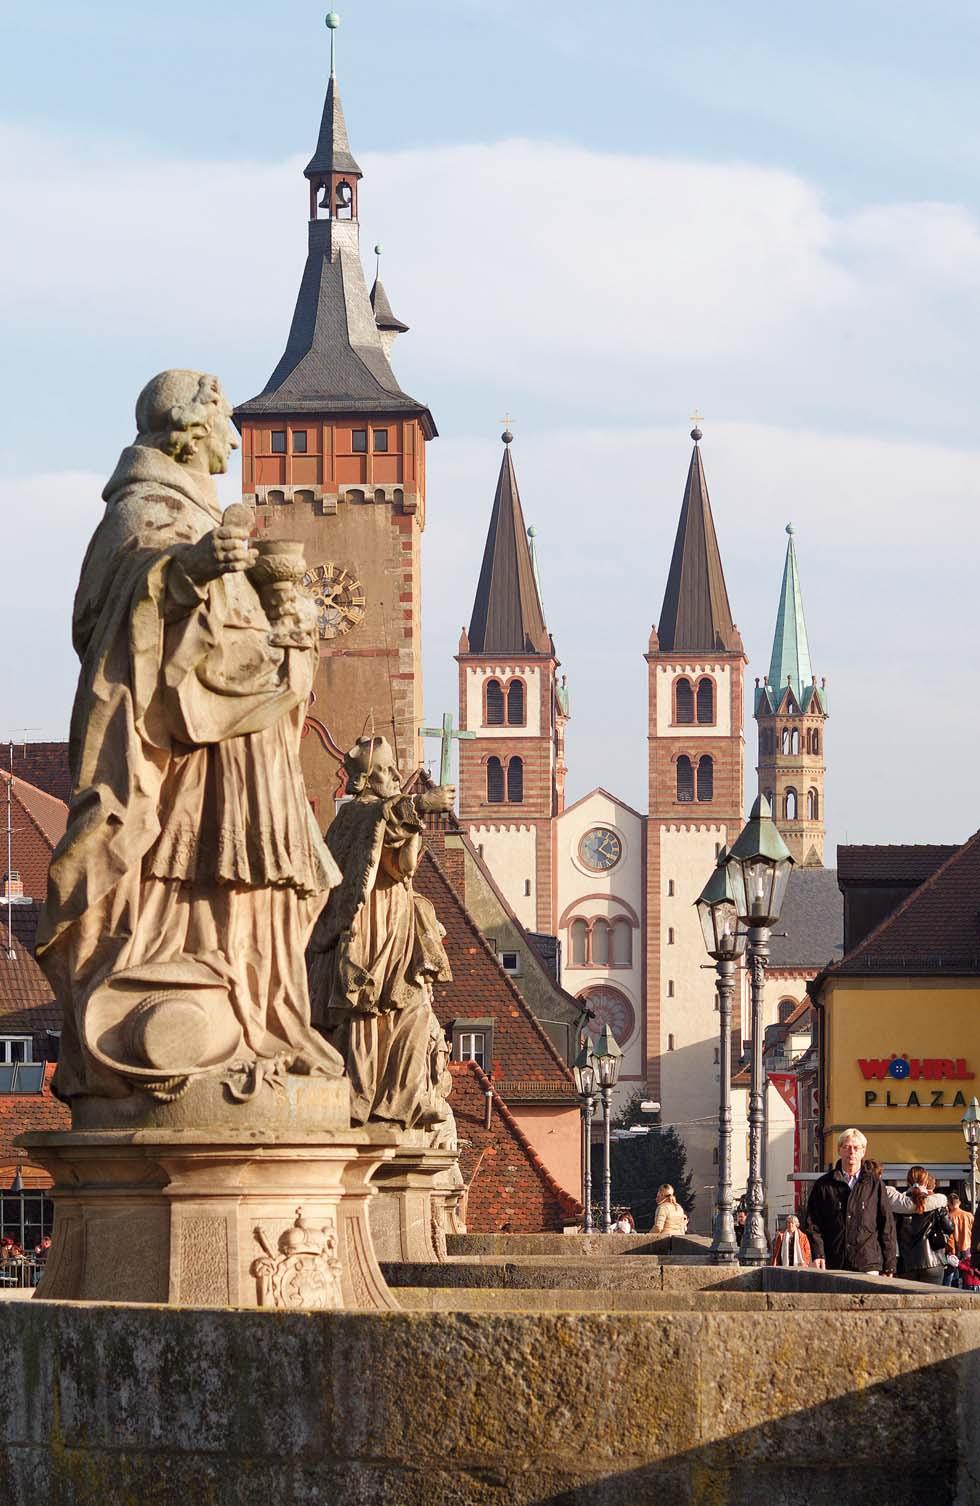 Barocke Figuren der Alten Mainbrücke mit Blick auf Dom